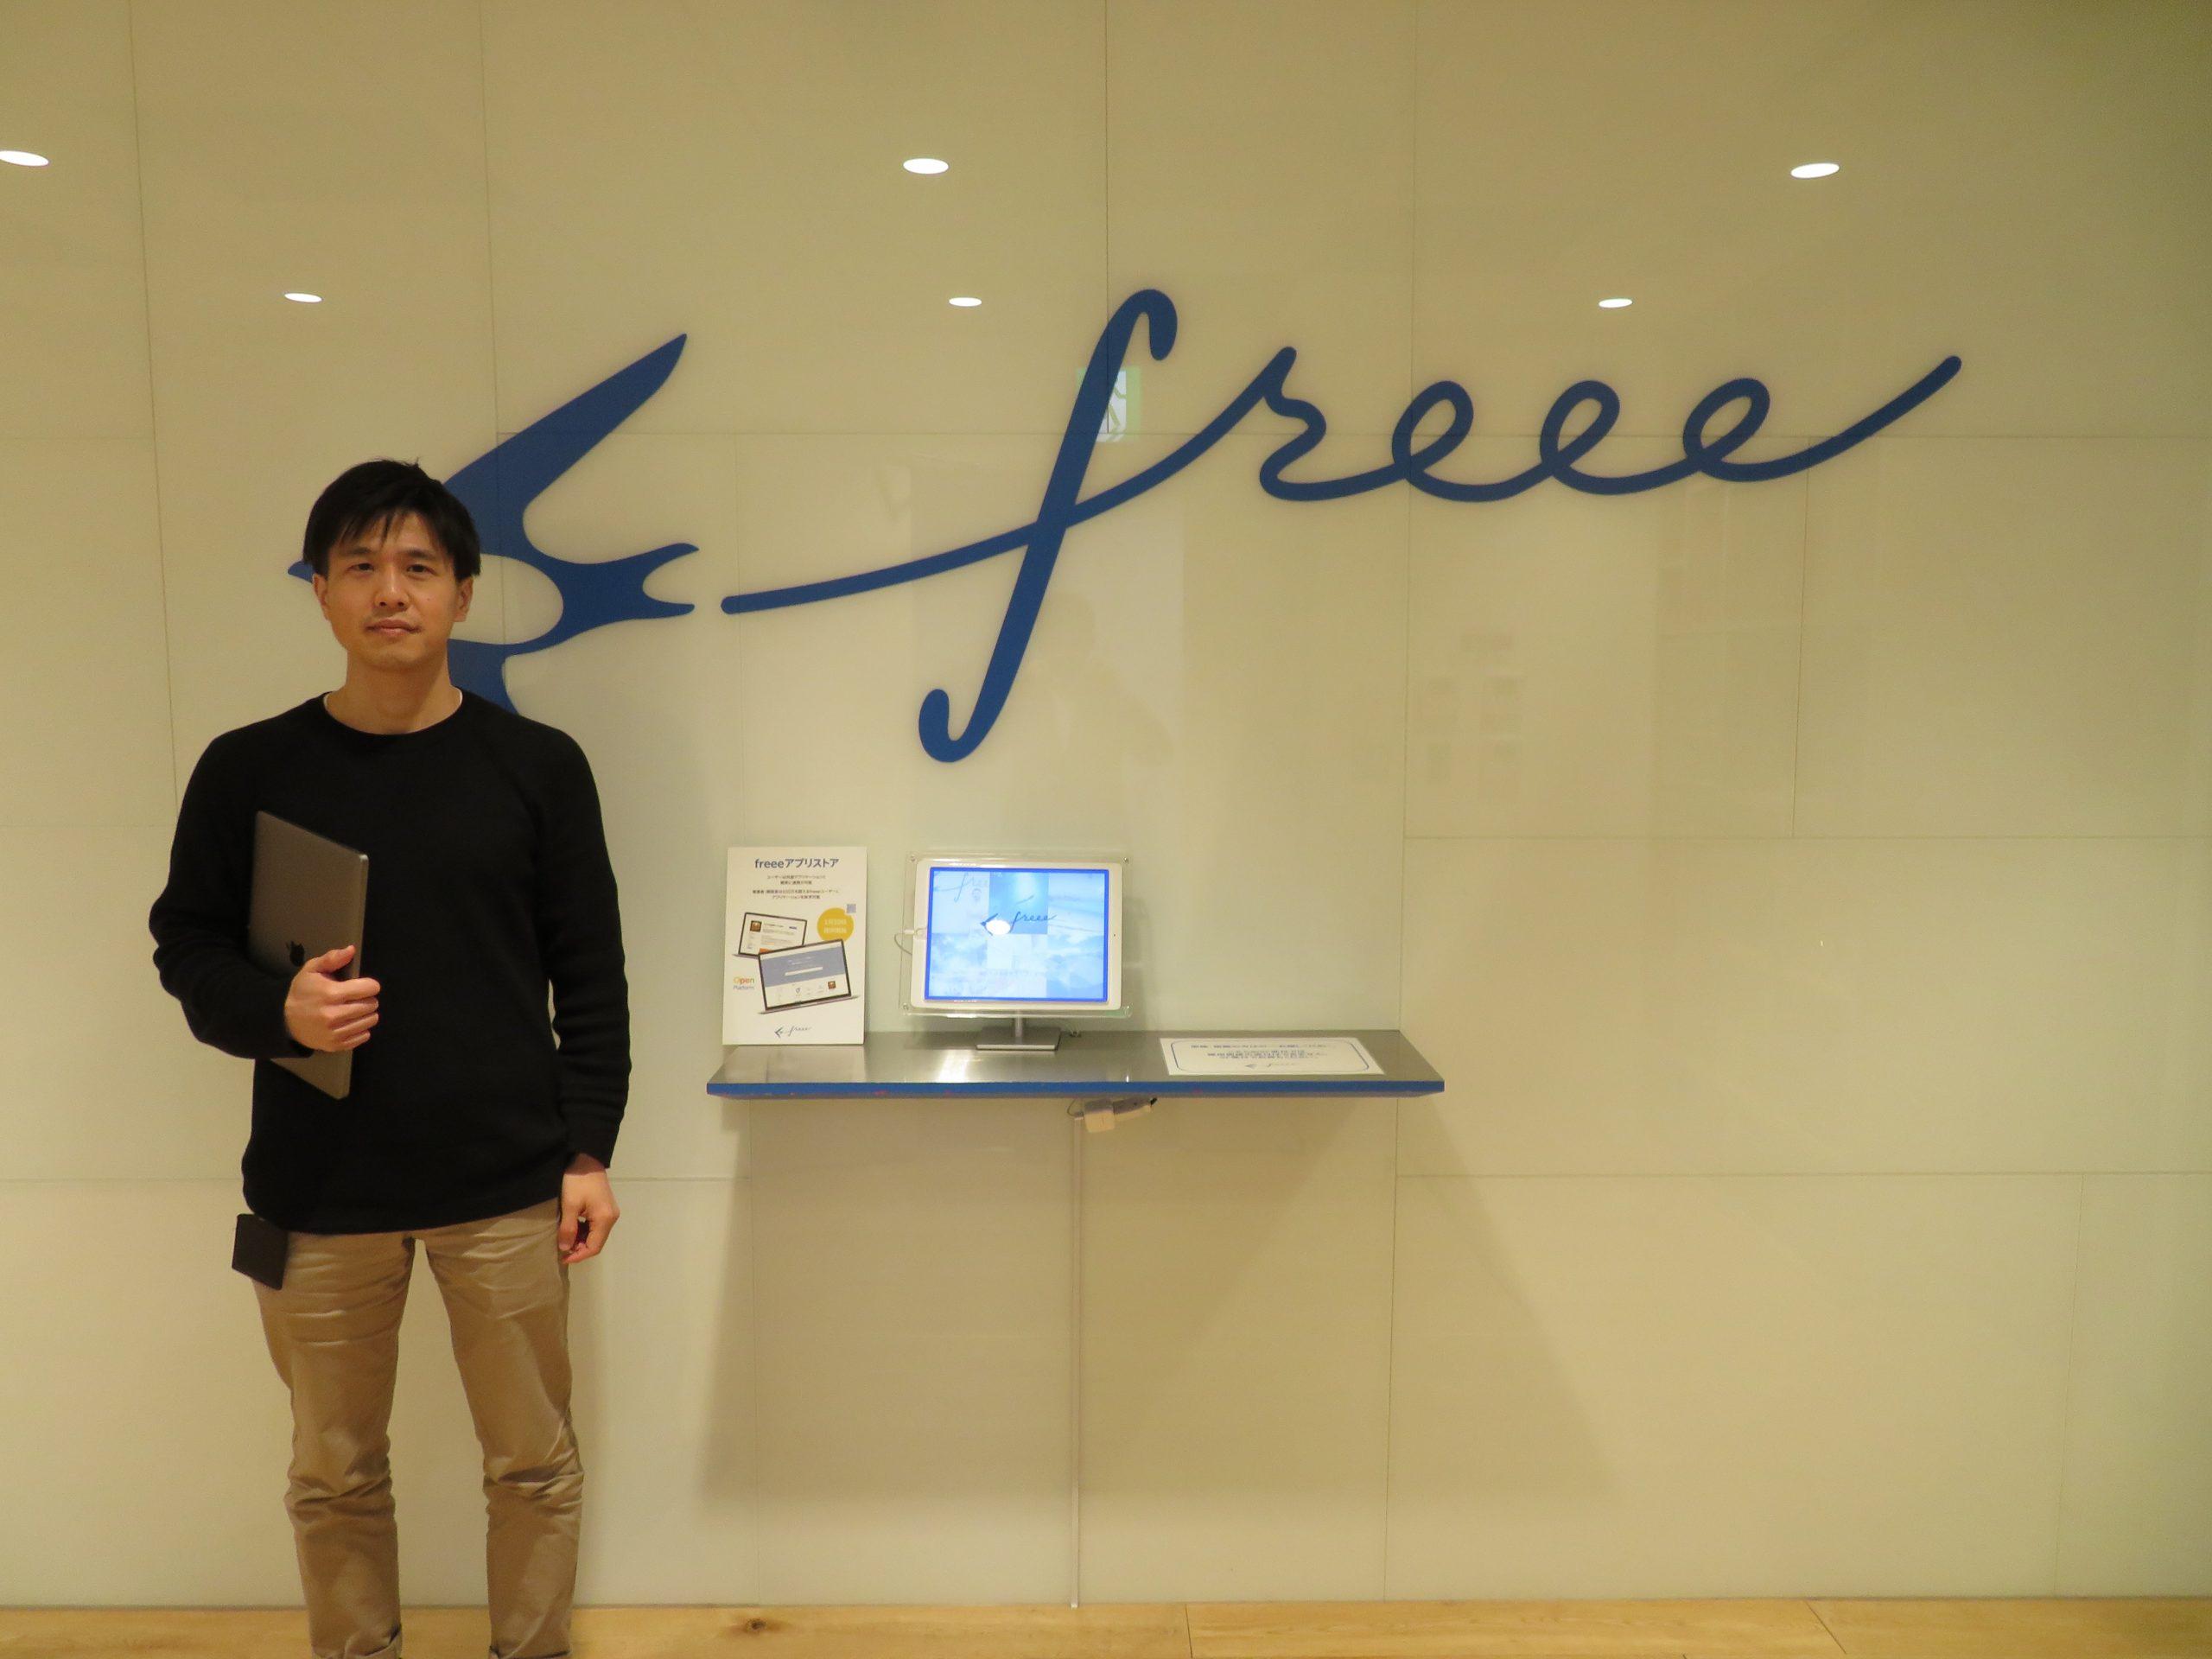 経営者の資金繰りをサポート|freee finance lab取締役の佐藤様に3つの主軸サービスについてインタビューしてきました